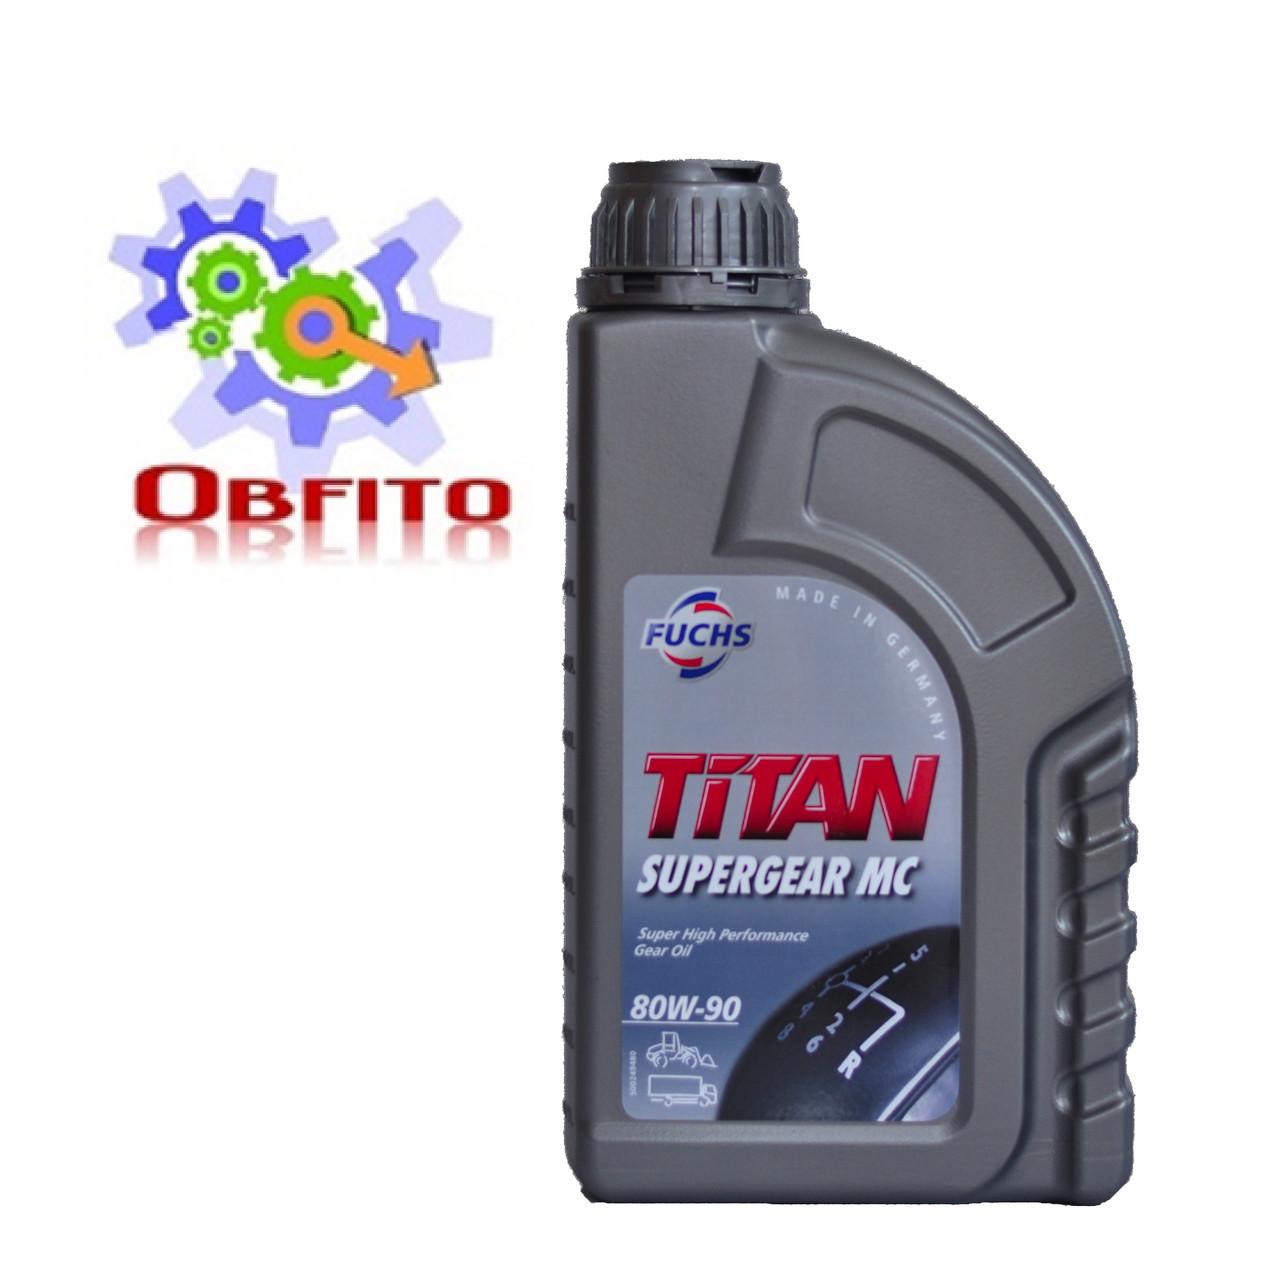 Fuchs TITAN SUPERGEAR MC 80W-90, 1л масло трансмиссионное полусинтетическое